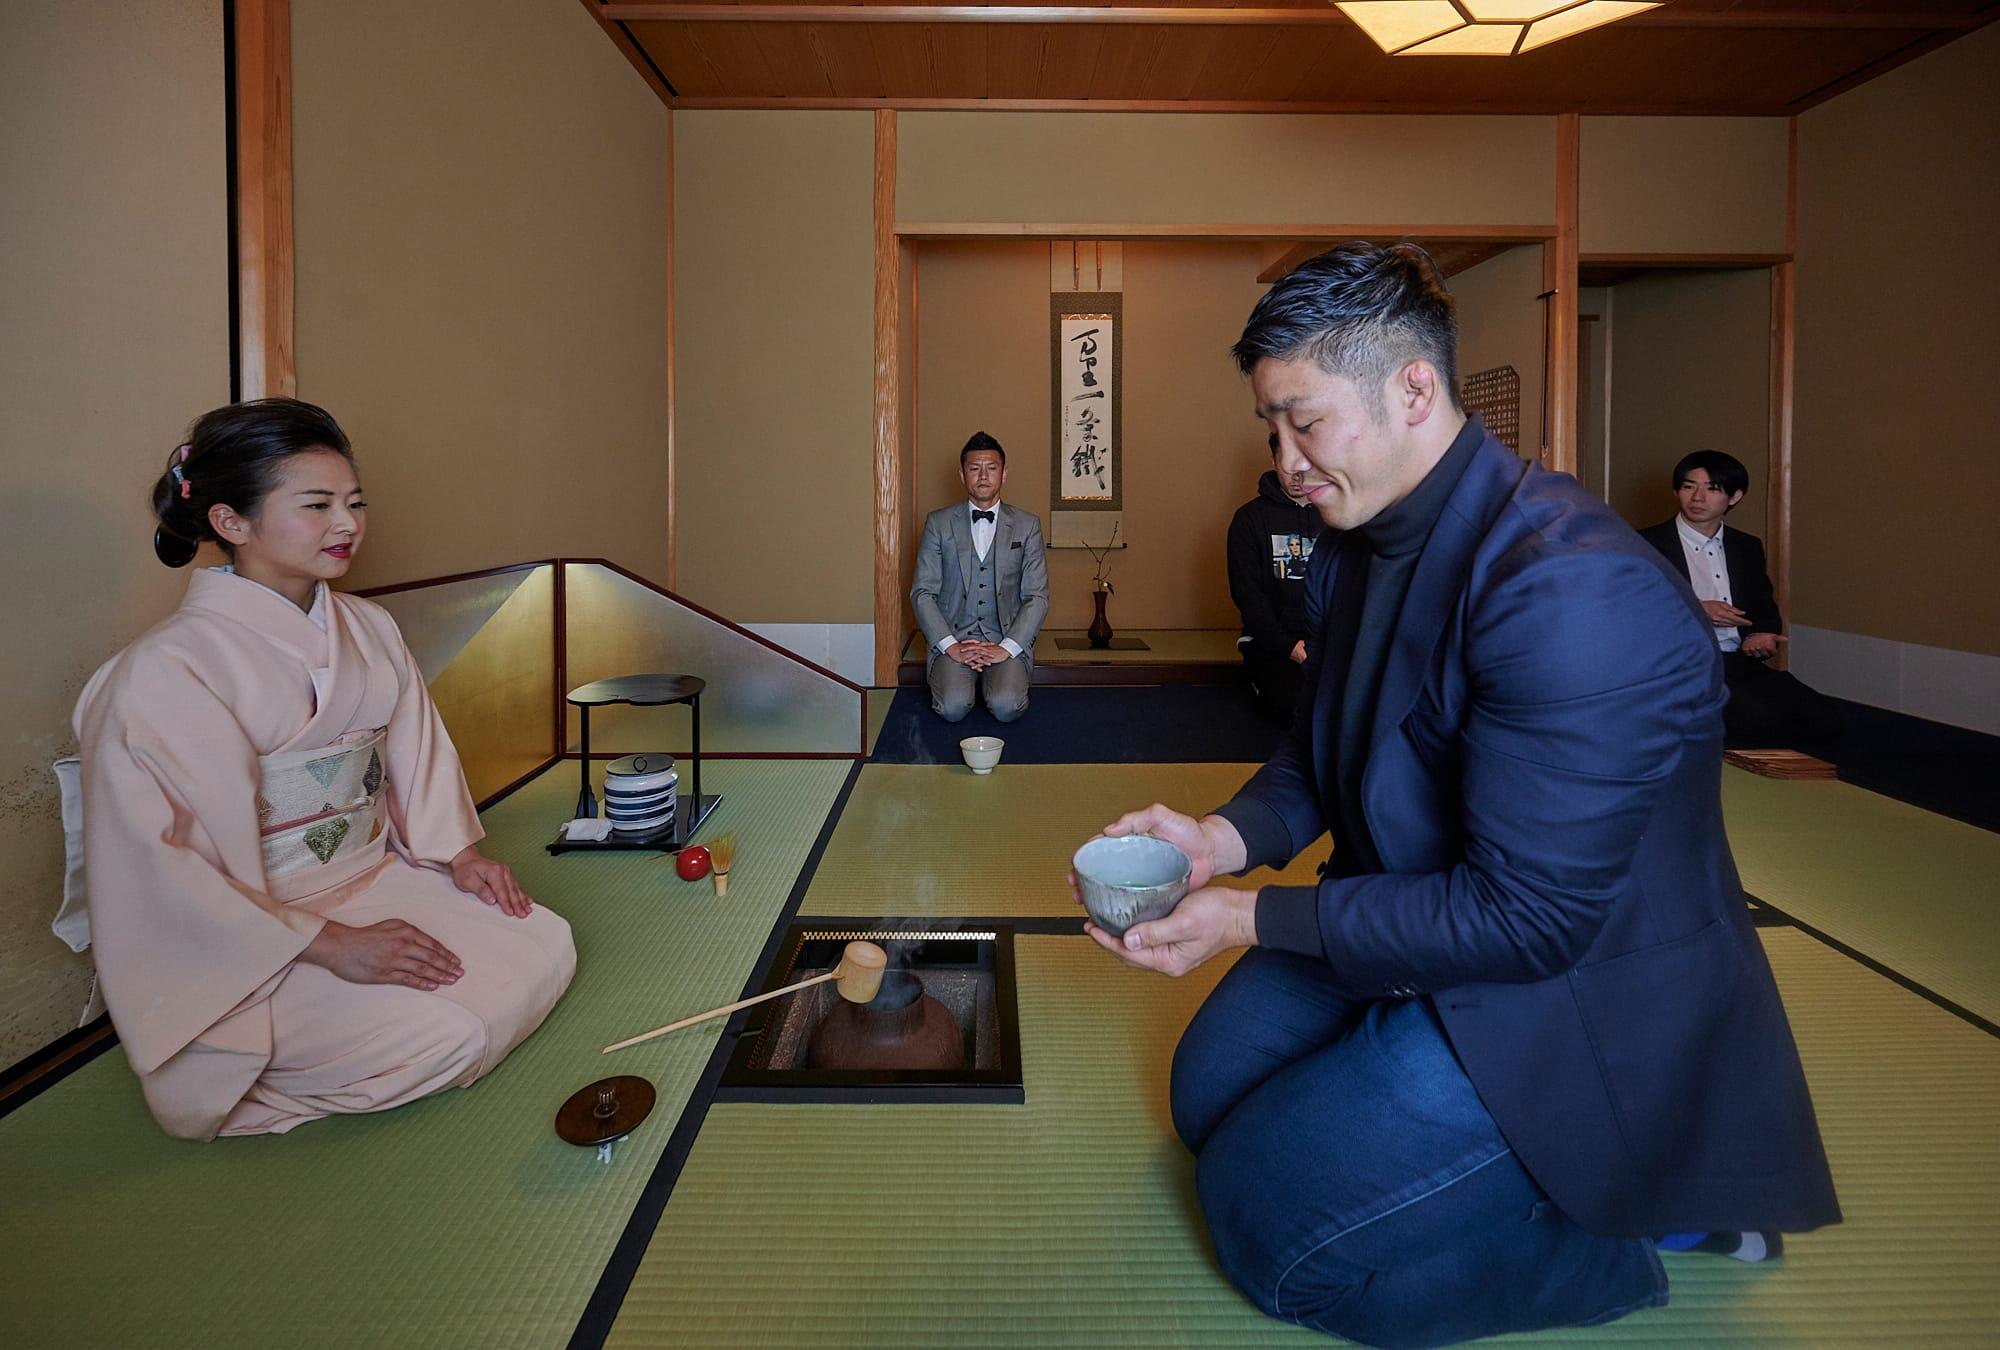 金正奎接過主人小堀宗翔的茶碗。在自家中也品茶的他,慎重的動作。金正奎是橄欖球「NTT Communications Shining Arcs」隊長,位置是側衛。